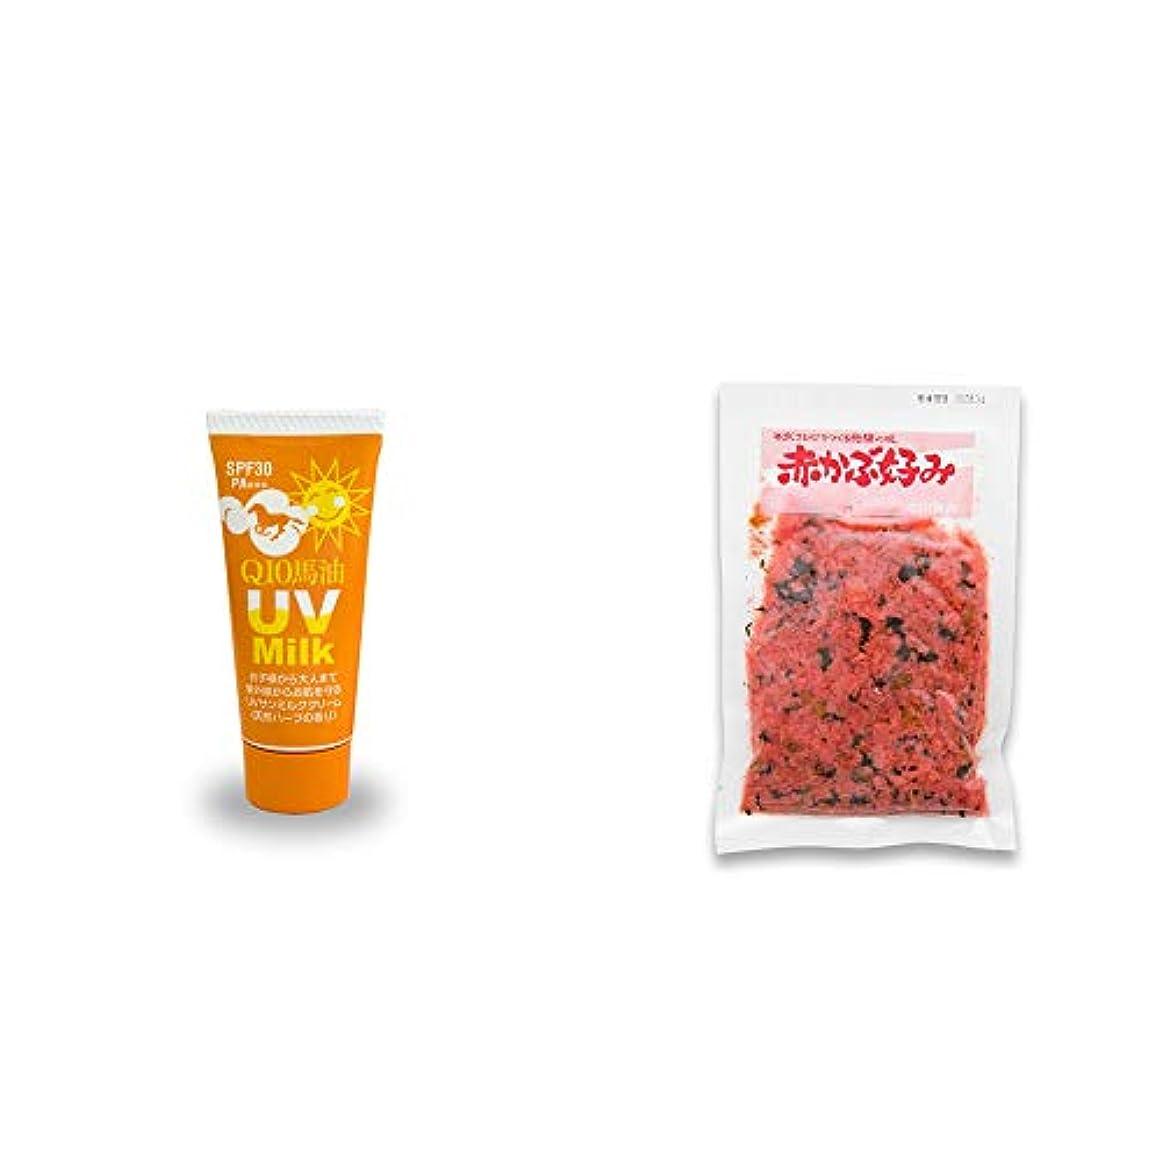 戸口なぜなら助けて[2点セット] 炭黒泉 Q10馬油 UVサンミルク[天然ハーブ](40g)?赤かぶ好み(150g)